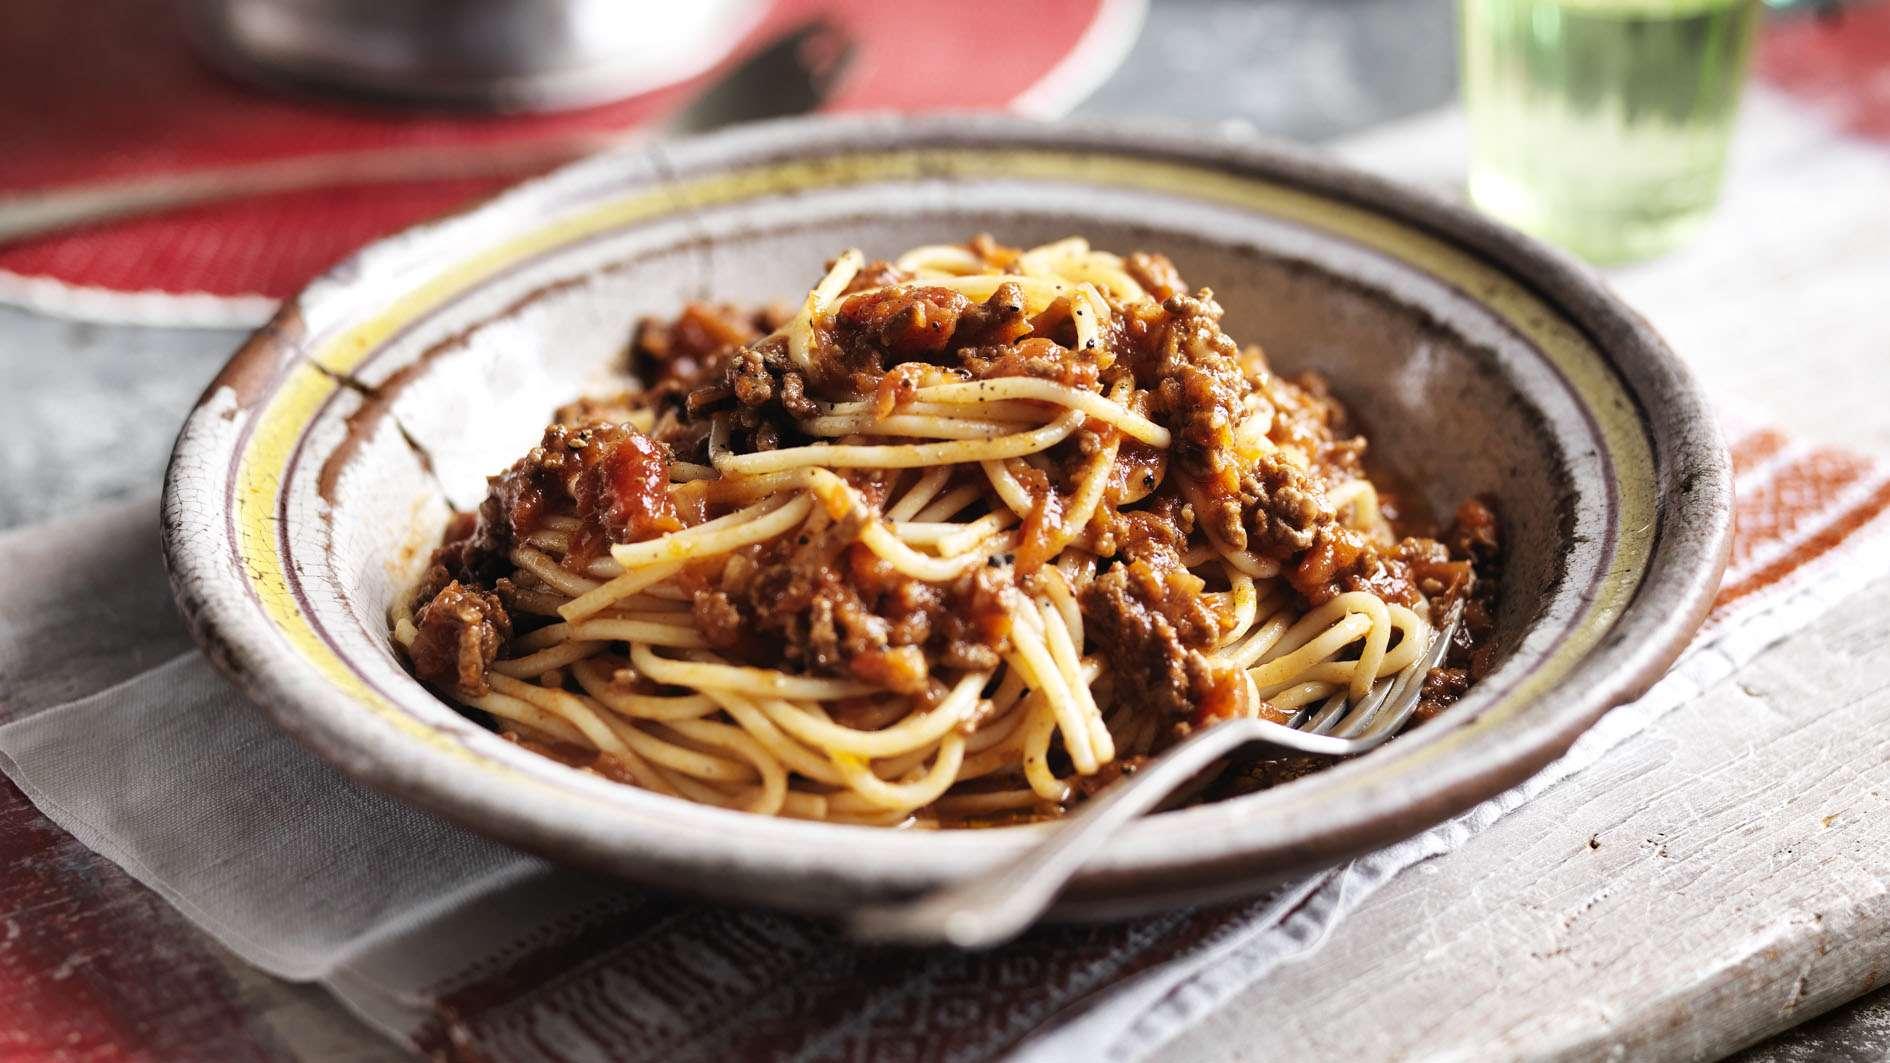 Receita de Esparguete à bolonhesa Tudo Gostoso